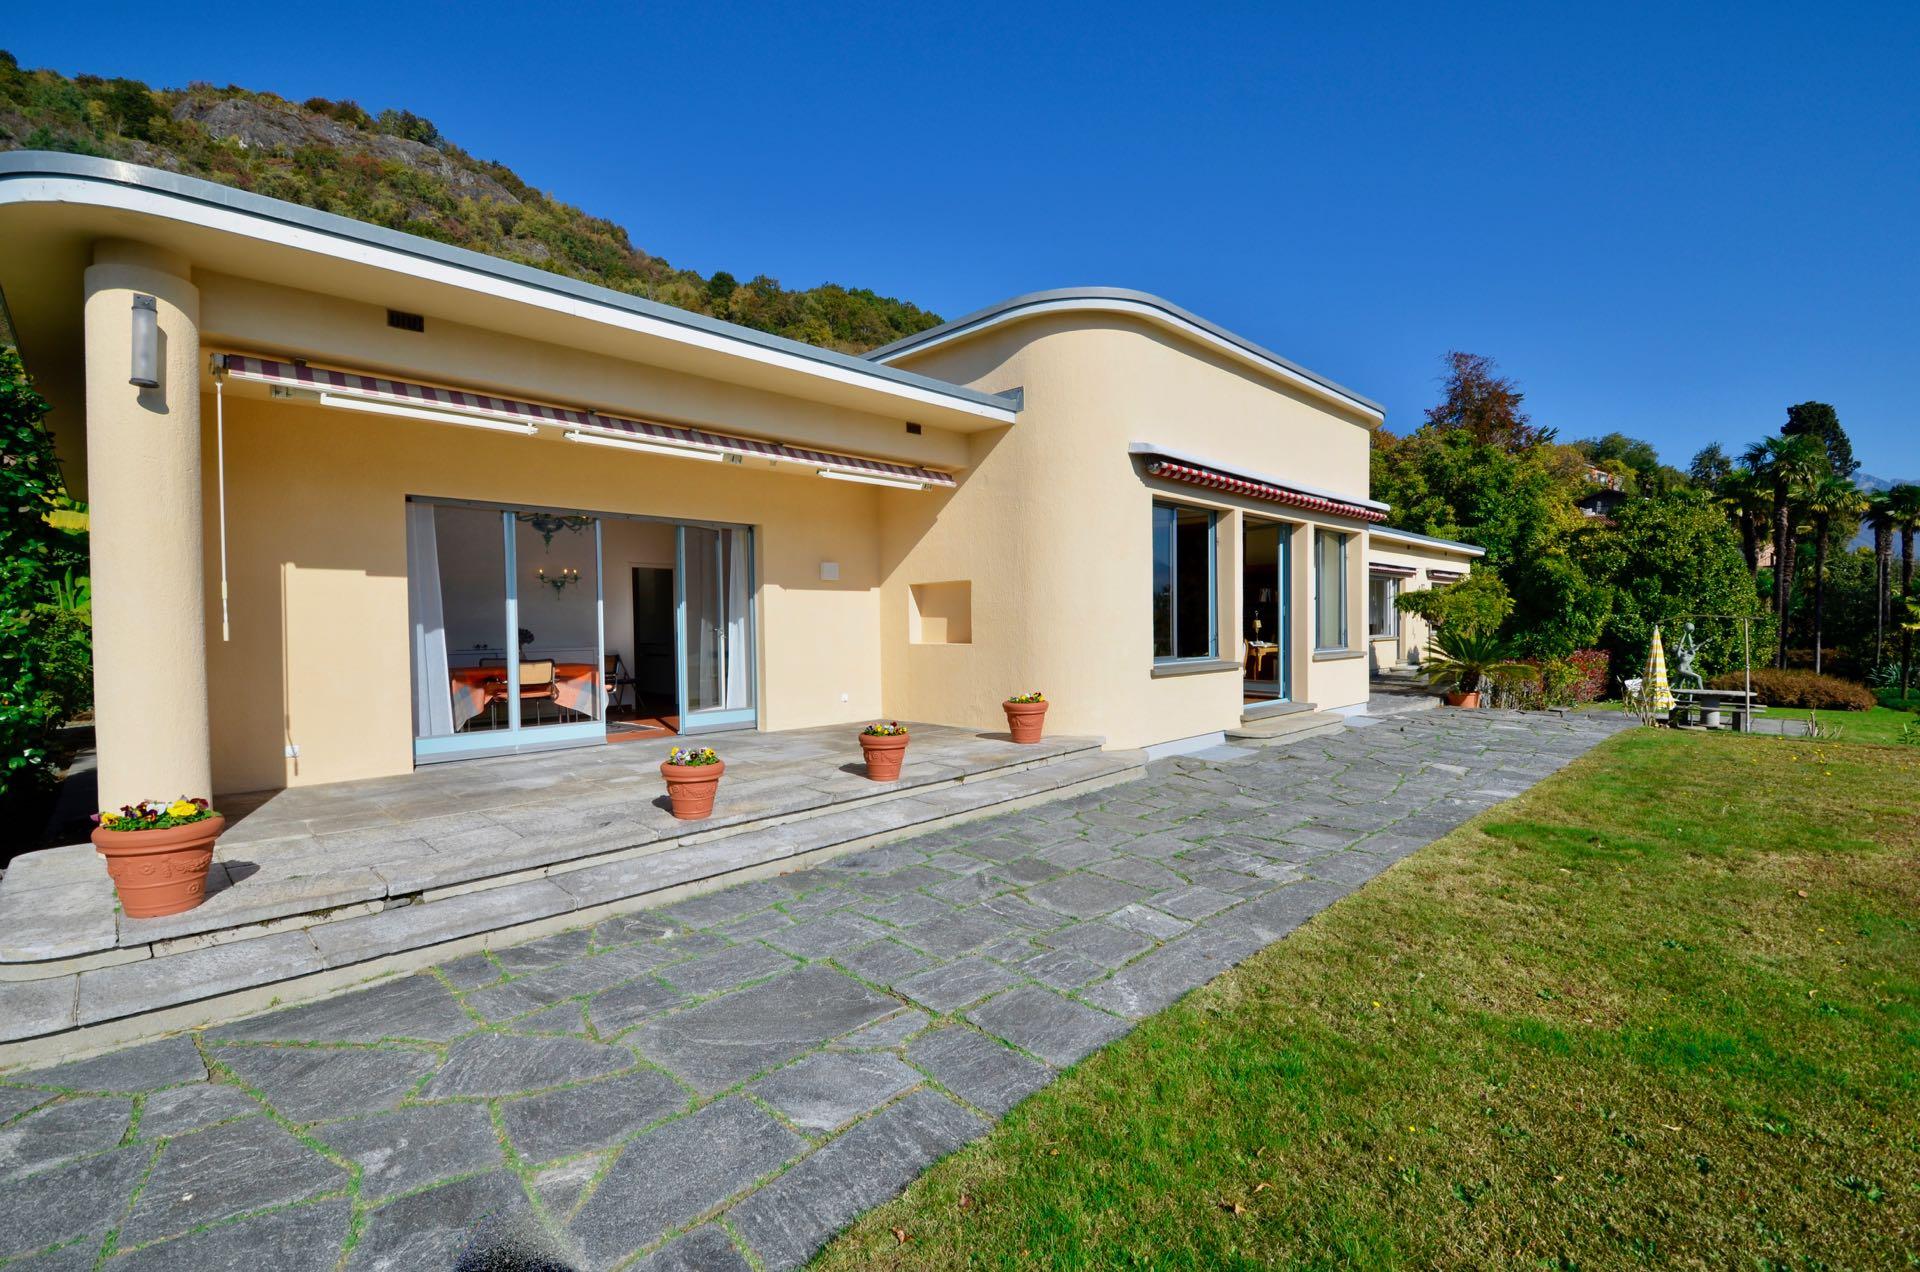 Blick auf die einmalige Bauhaus-Villa in Ascona, Schweiz an absoluter Toplage in Ascona, Schweiz zu verkaufen